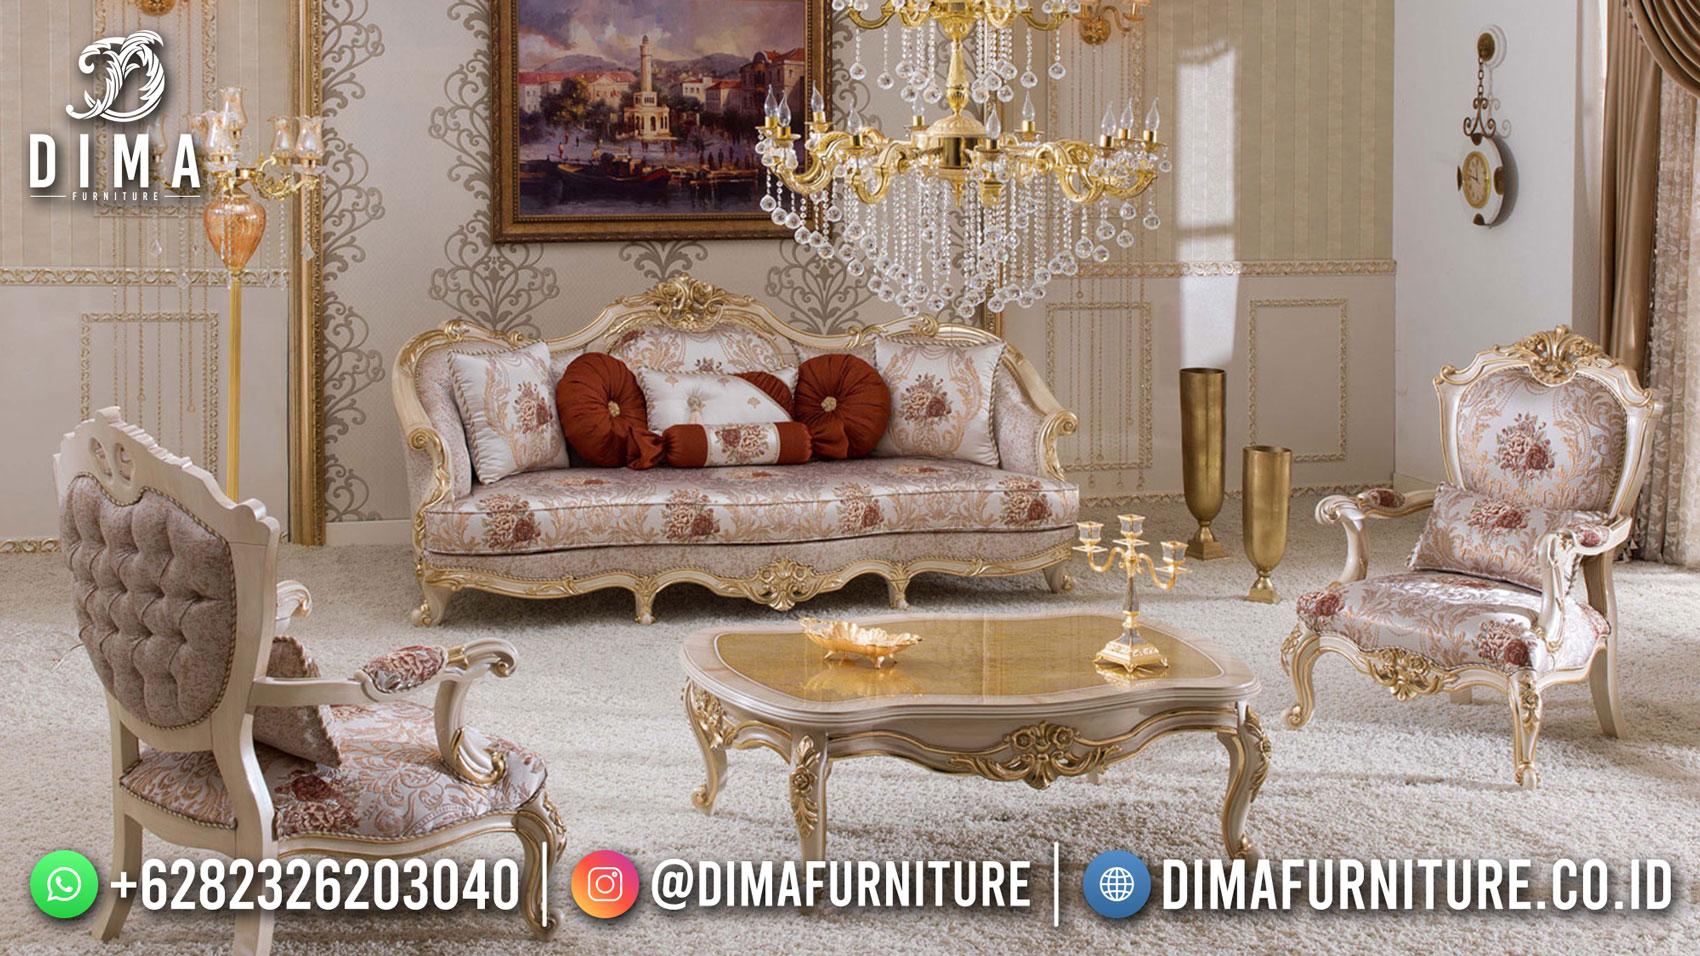 Kursi Sofa Ruang Tamu Mewah, Sofa Tamu Jepara Terbaru, Jual Sofa Mewah Jepara DF-1536